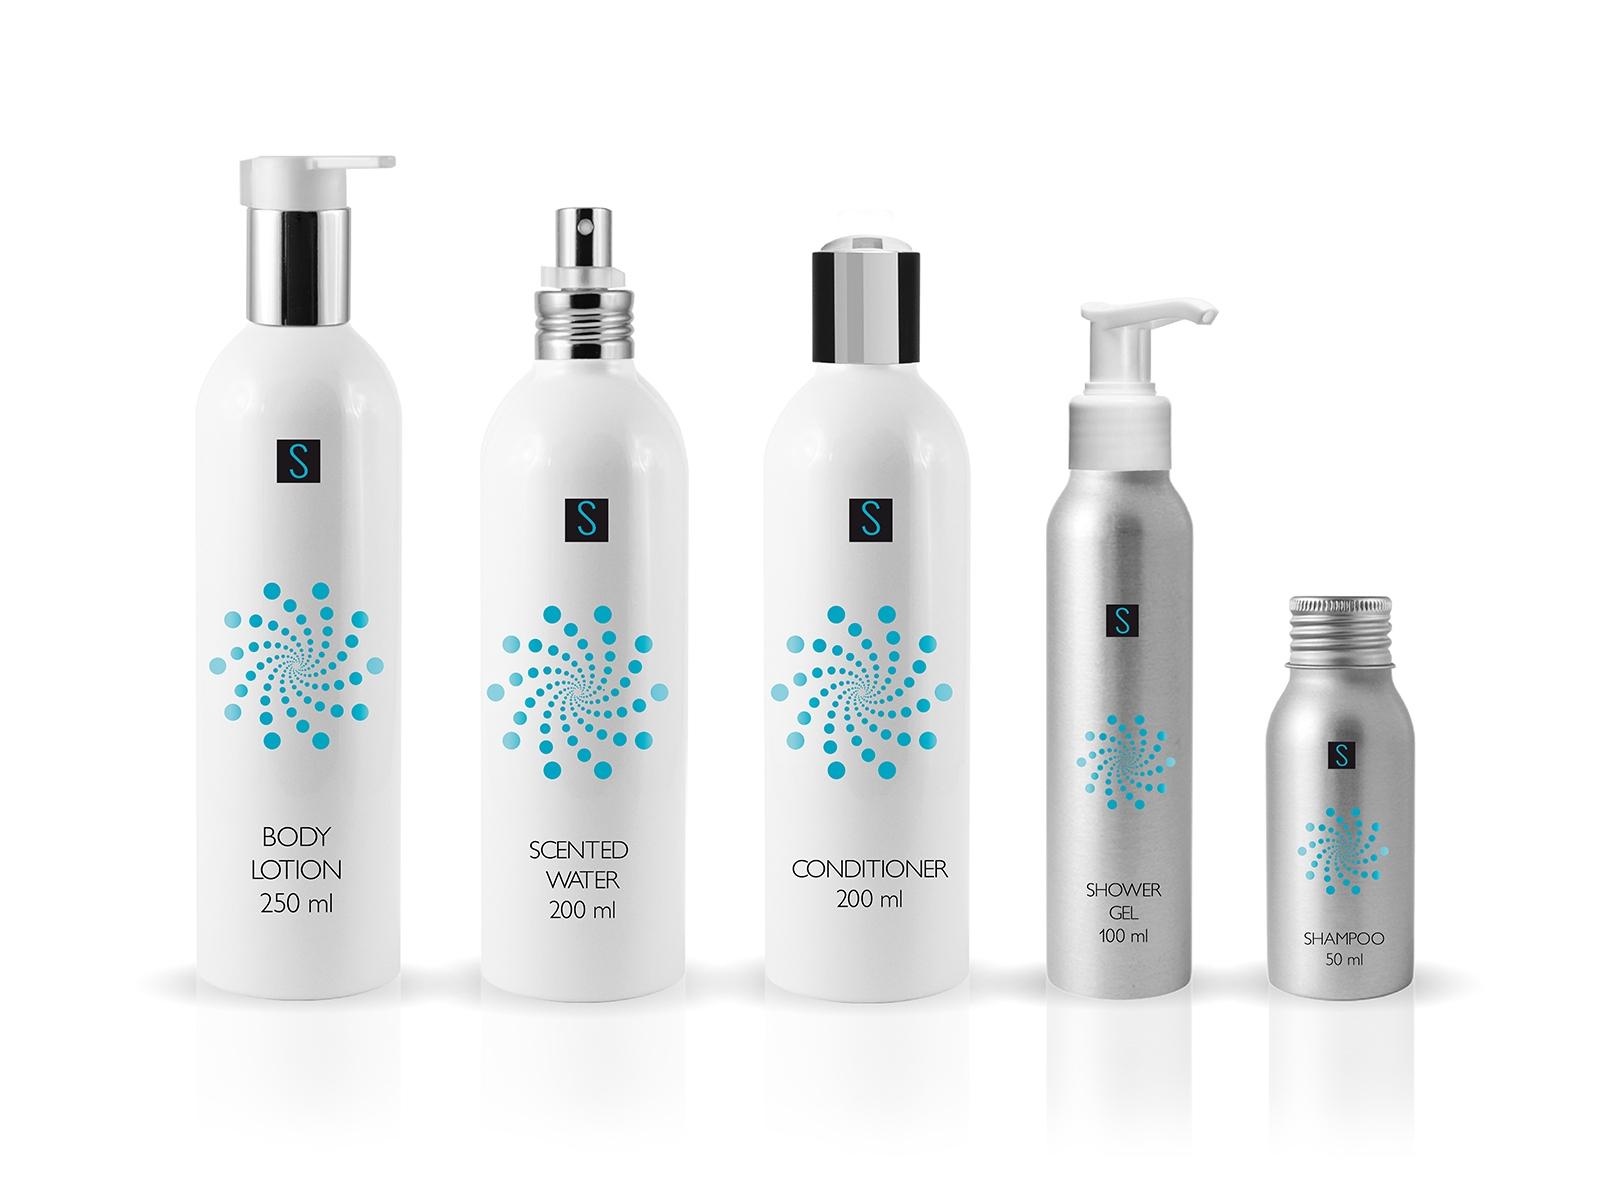 Flacons pour cosmétiques personnalisés: comment promouvoir votre marque du design à l'étiquette